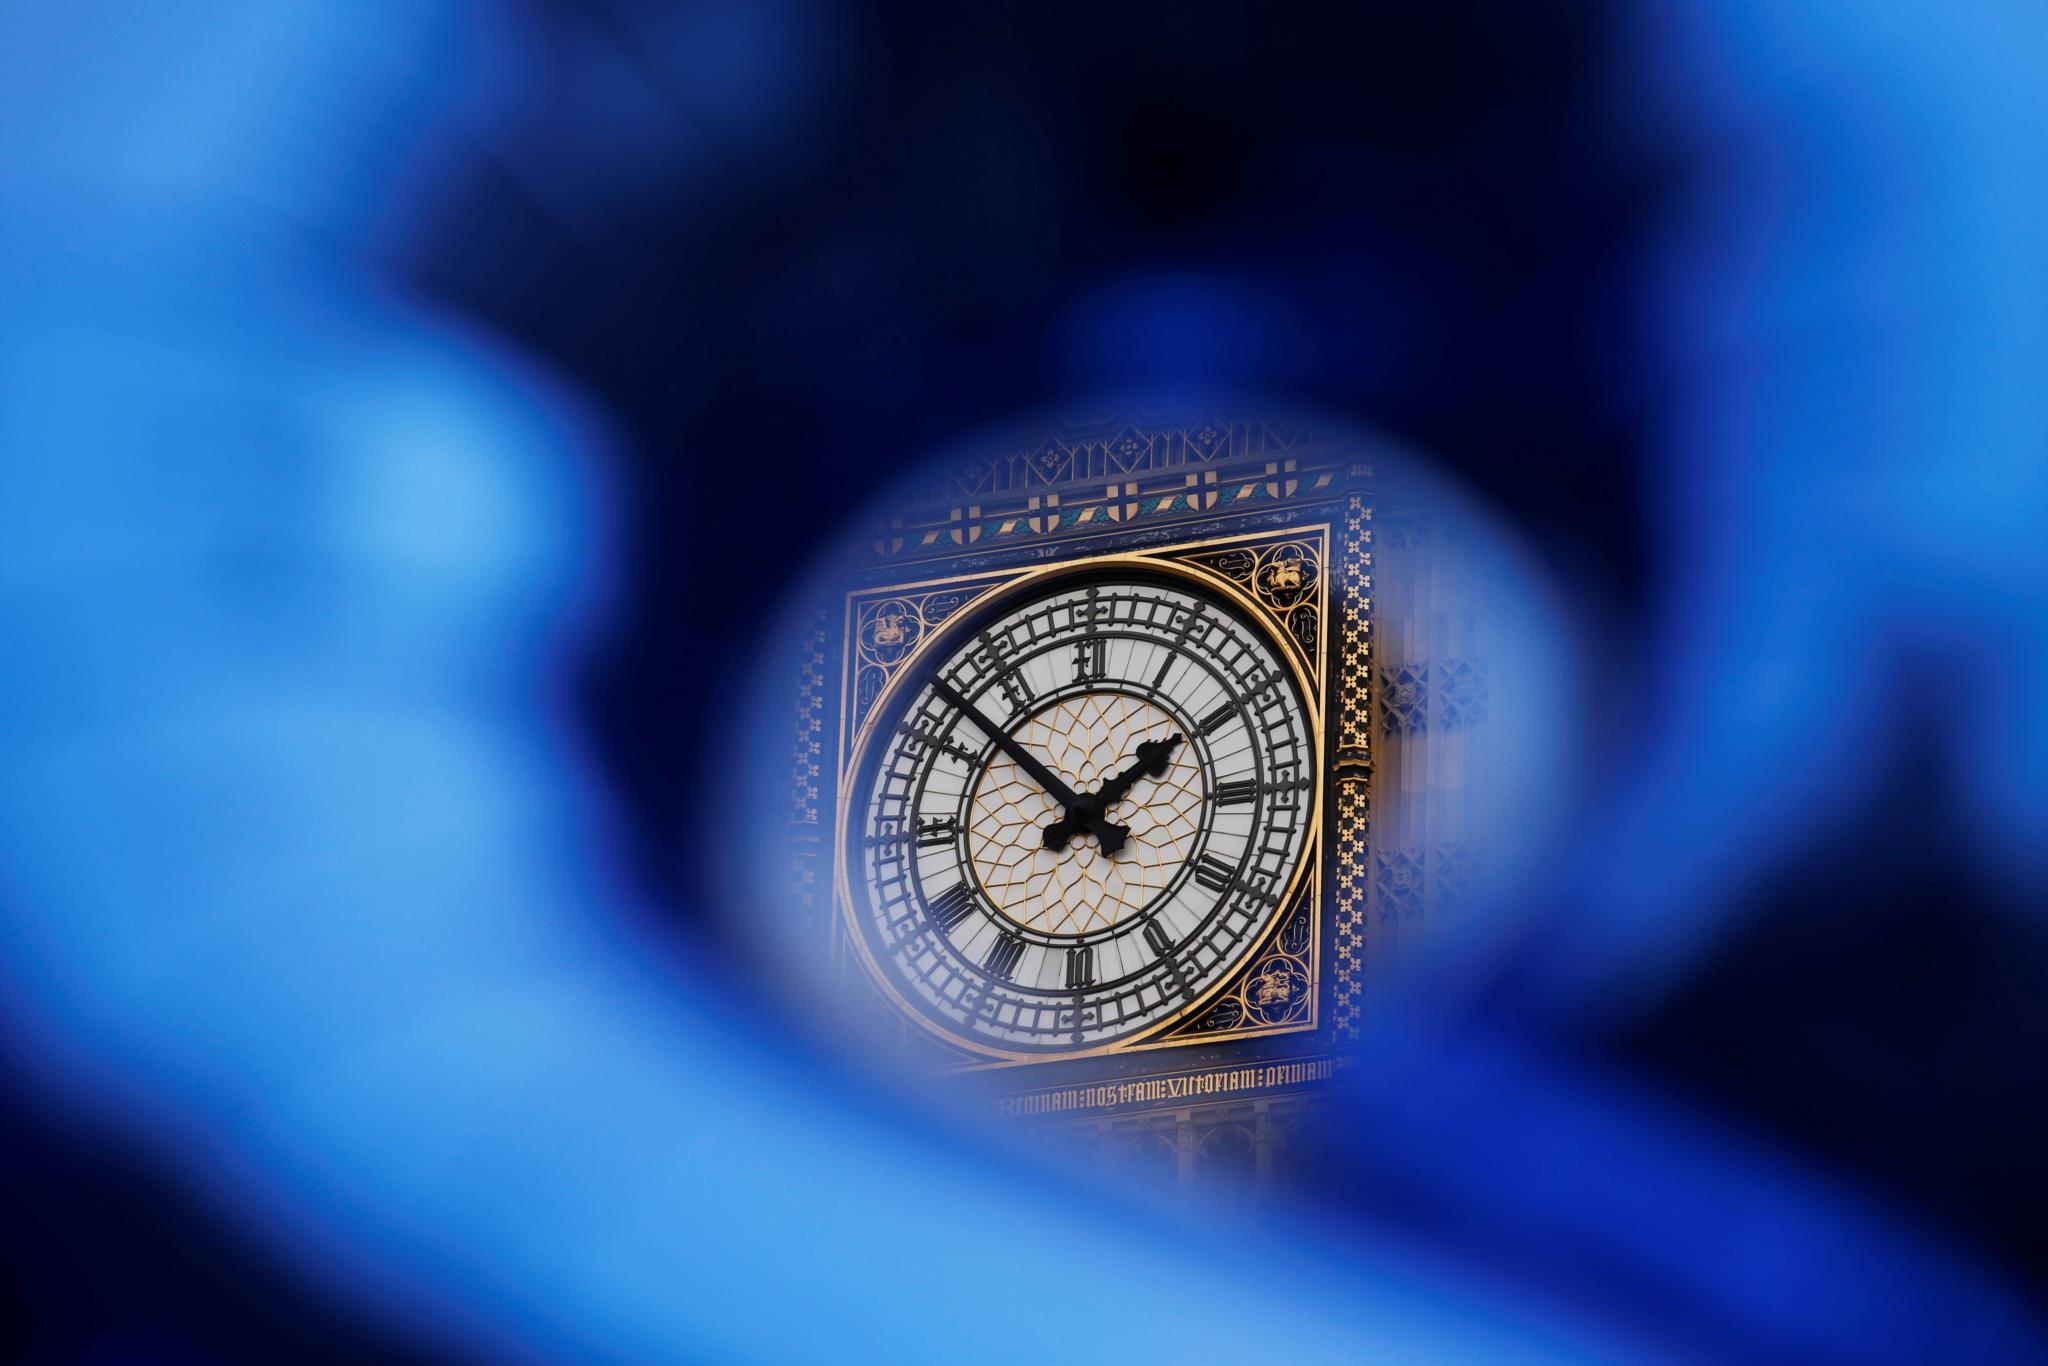 PÚBLICO - A hora muda no domingo. Veja algumas dicas para se adaptar